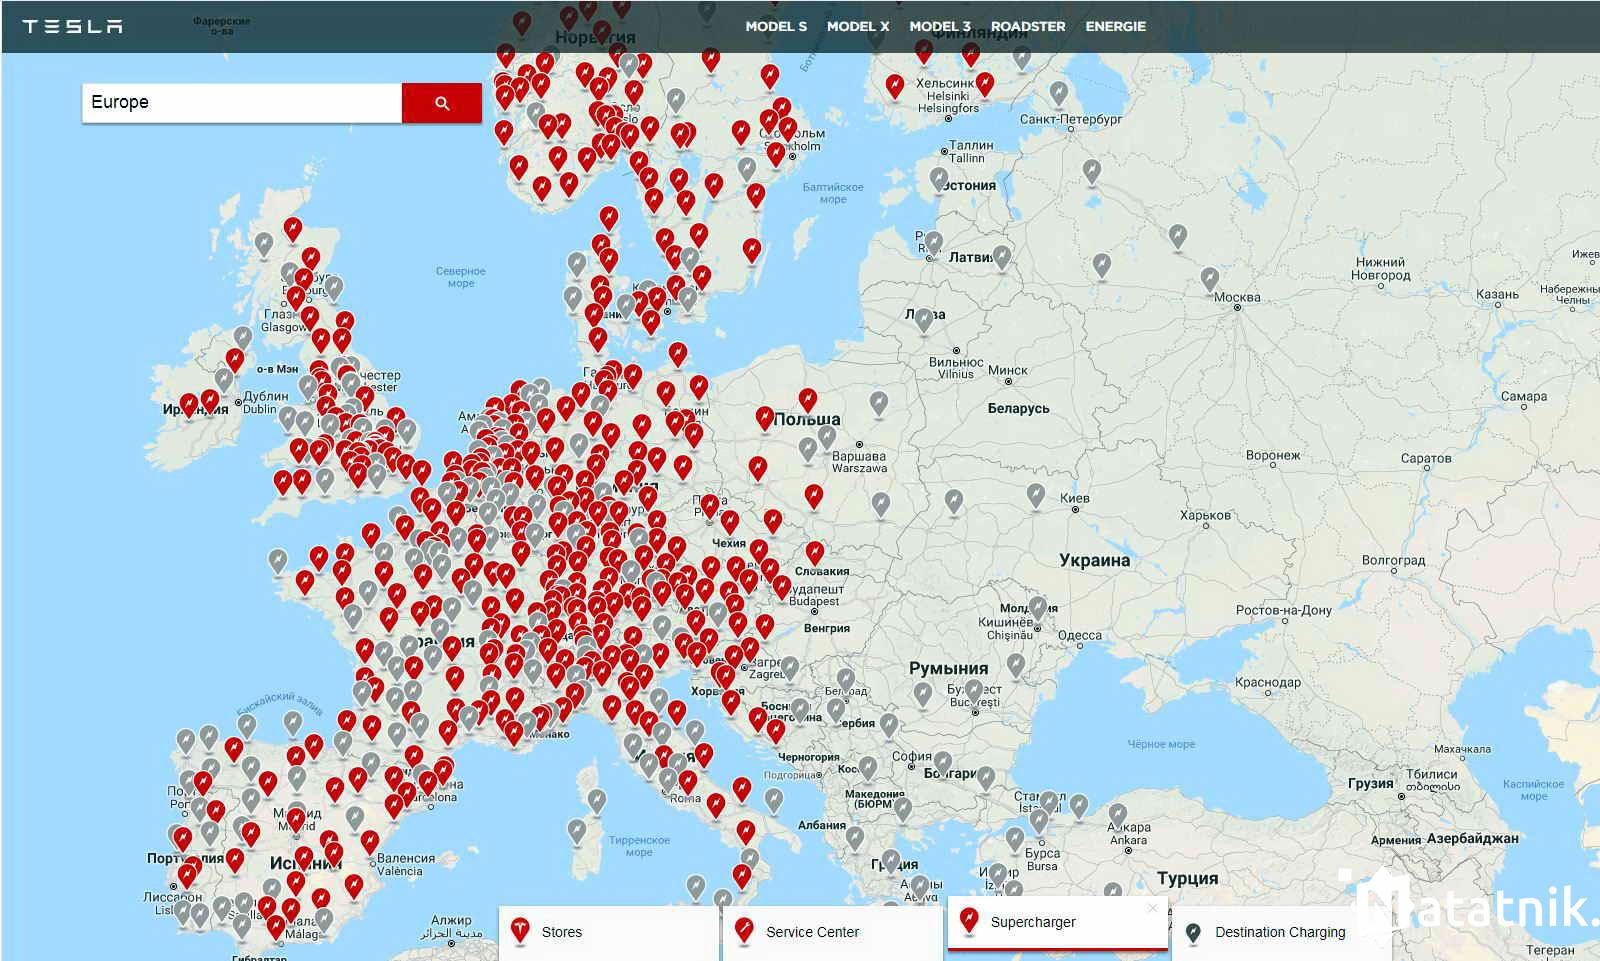 Карта заправок Европы